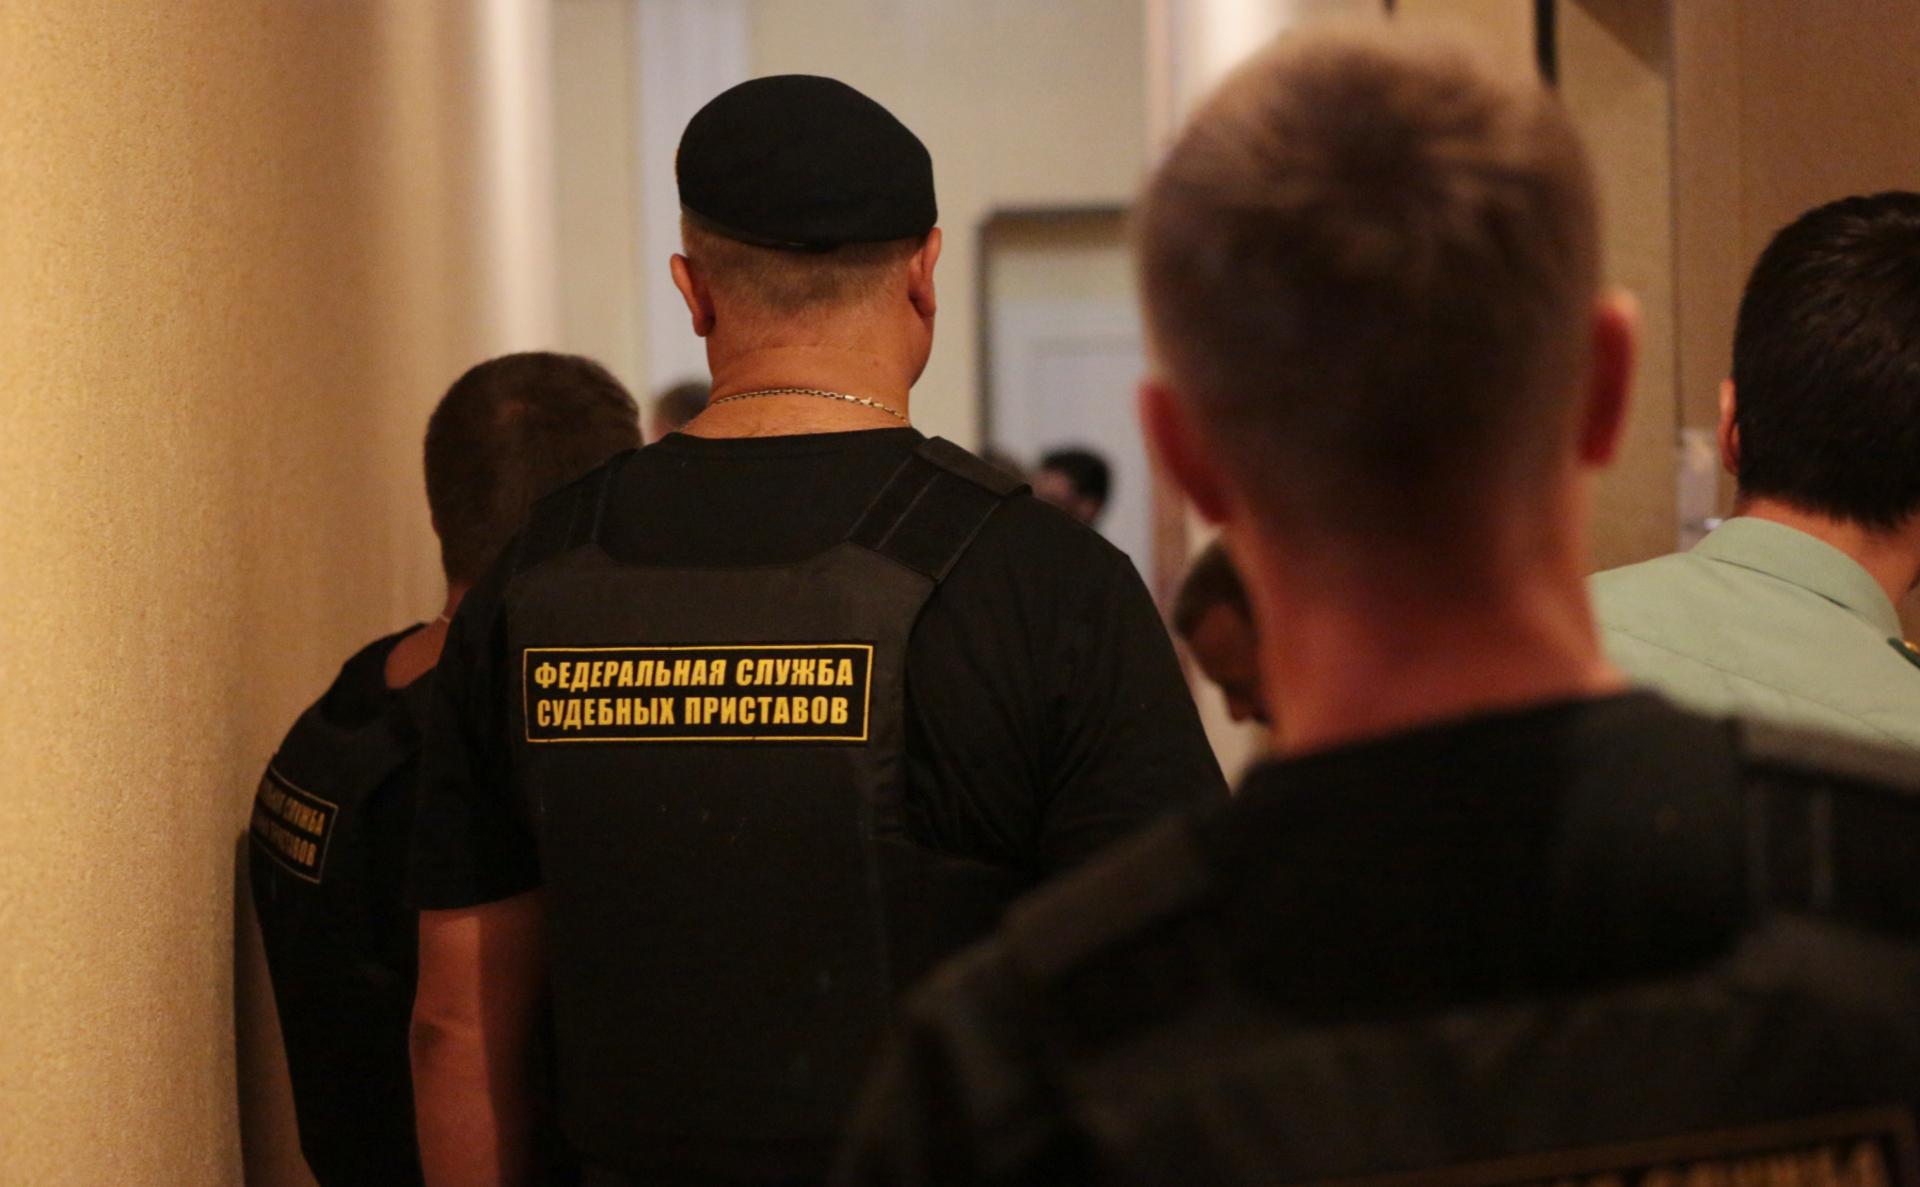 Фото: Макс Ветров / РИА Новости